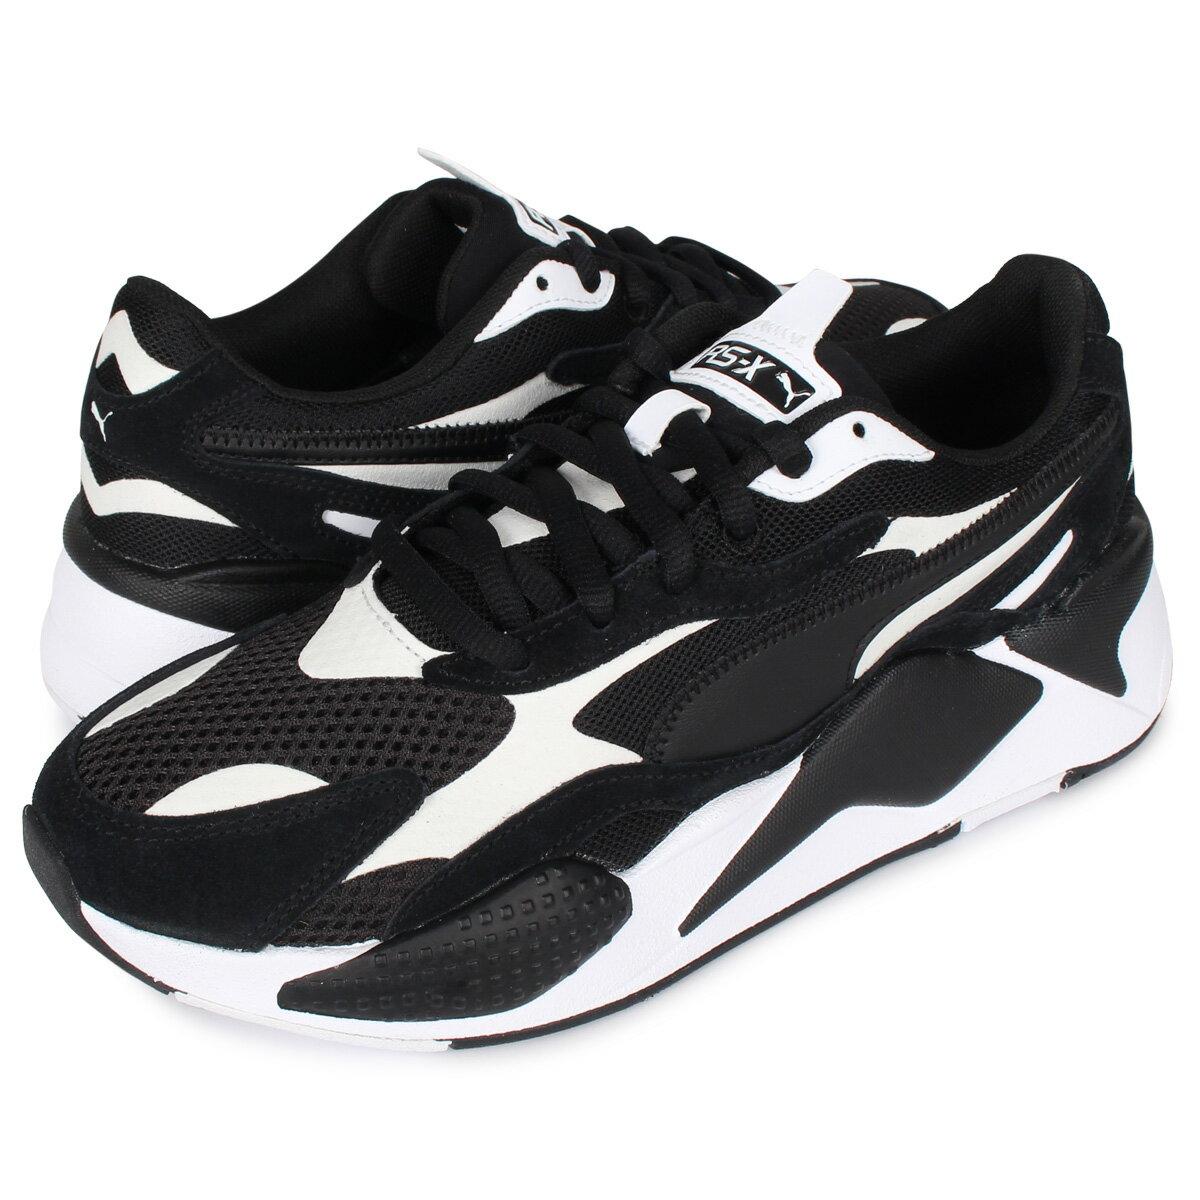 メンズ靴, スニーカー PUMA RS-X3 SUPER 372884-07